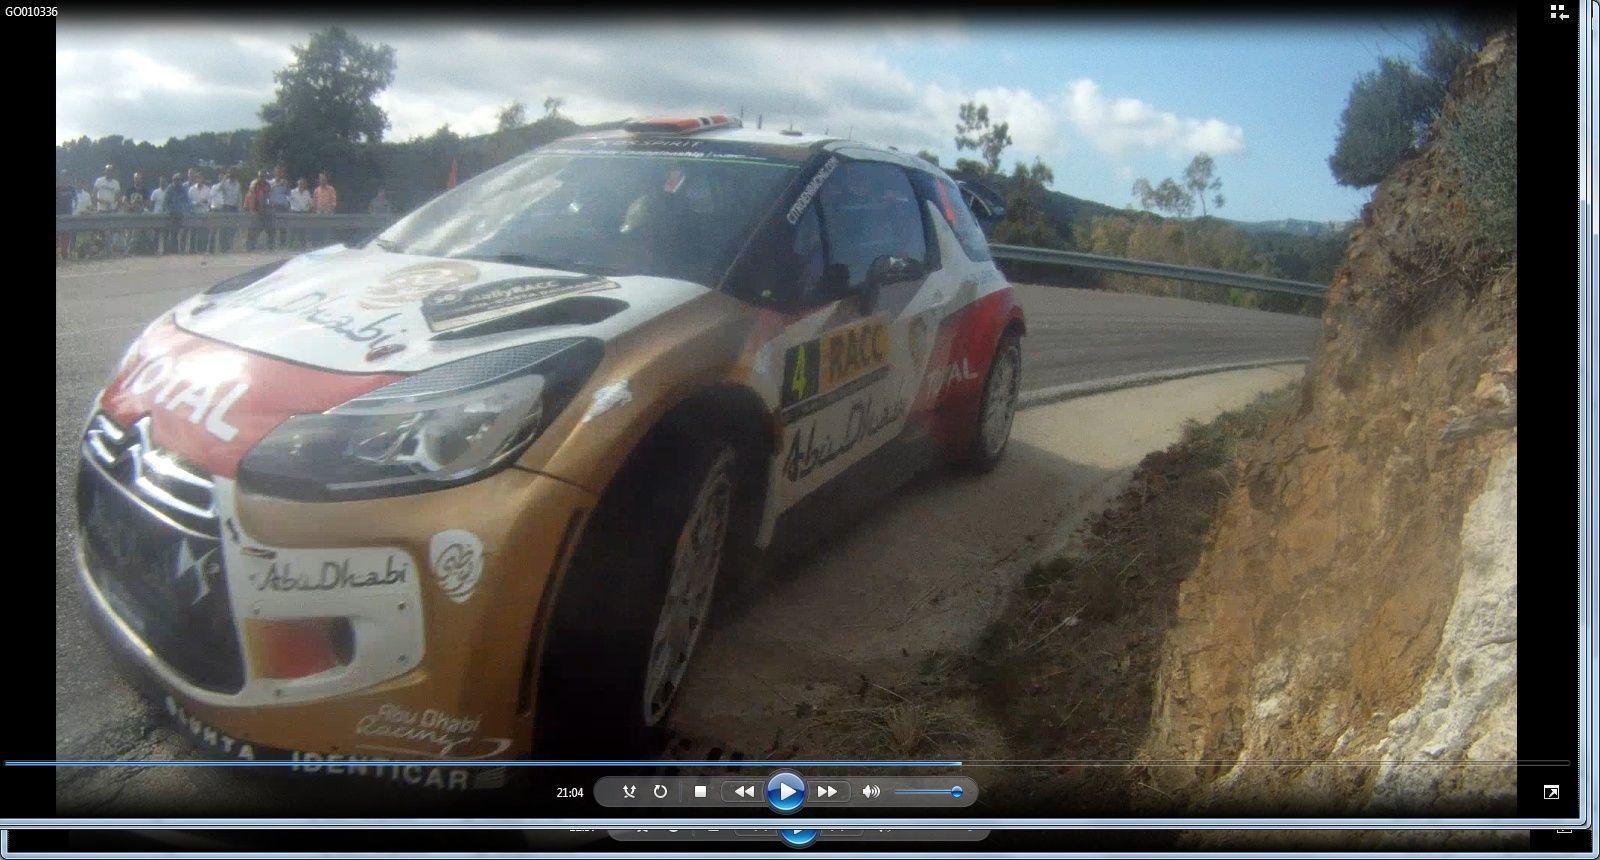 Quedada RaulGuerrero91 y Ruvigas   Rally España  Catalunya-Costa Daurada 2014 Ds310